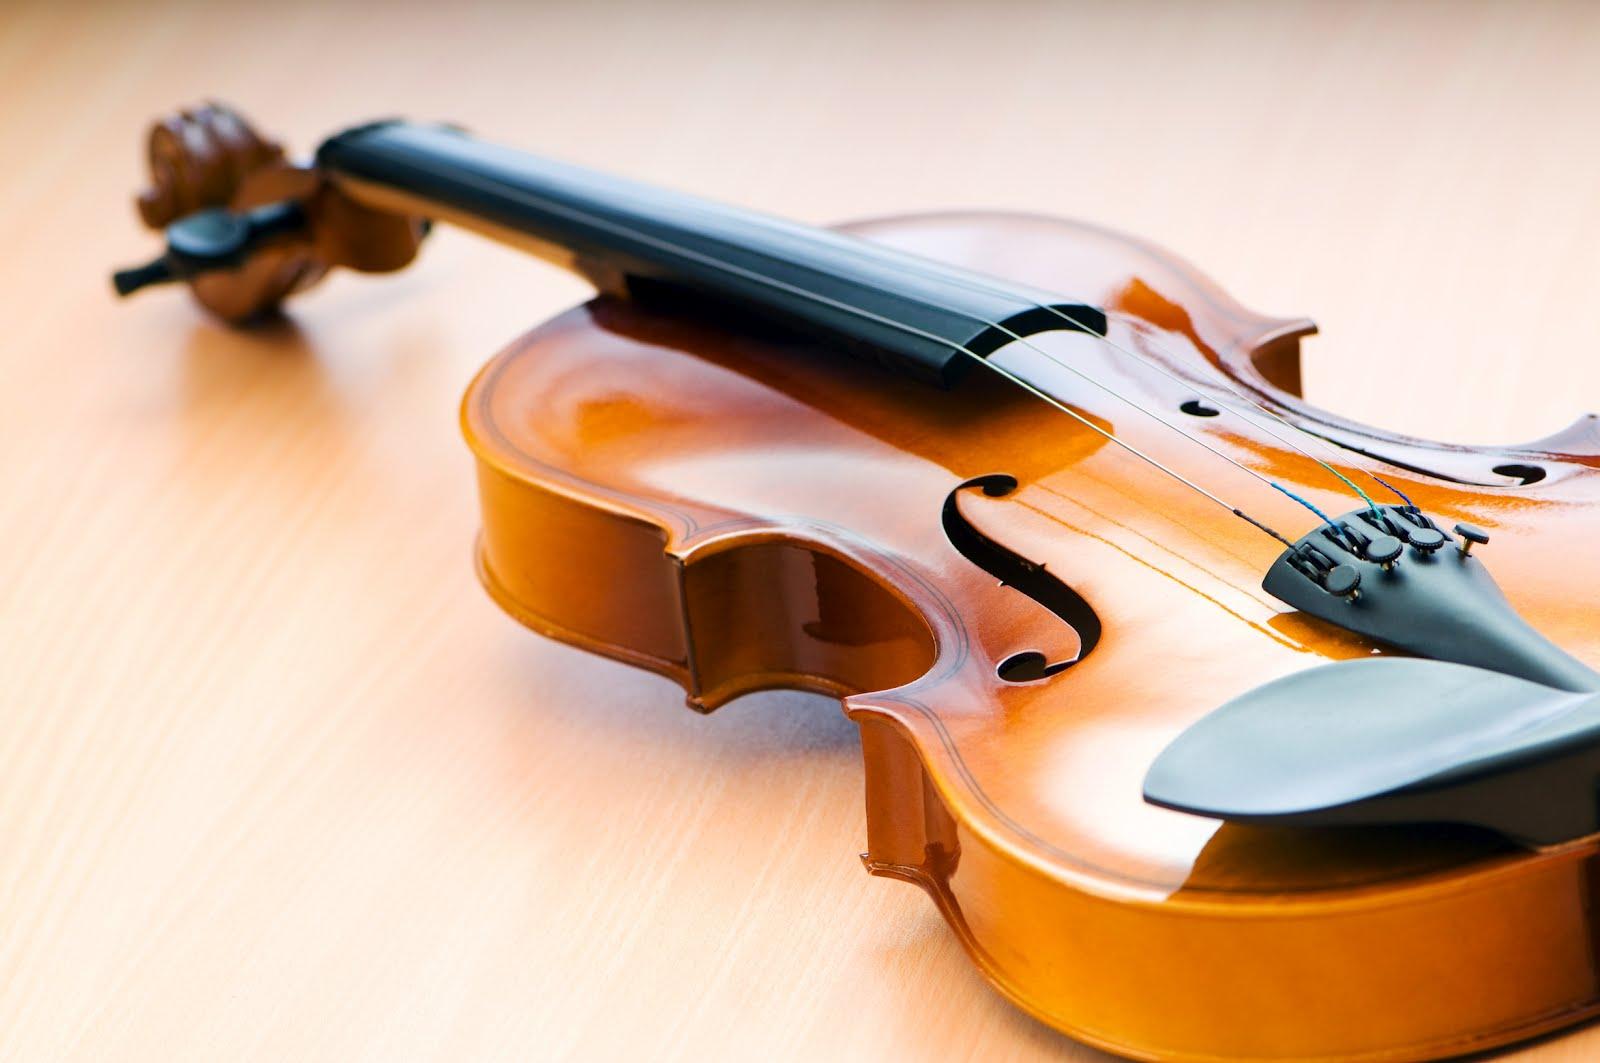 fotos-de-instrumentos-musicales-violin-5